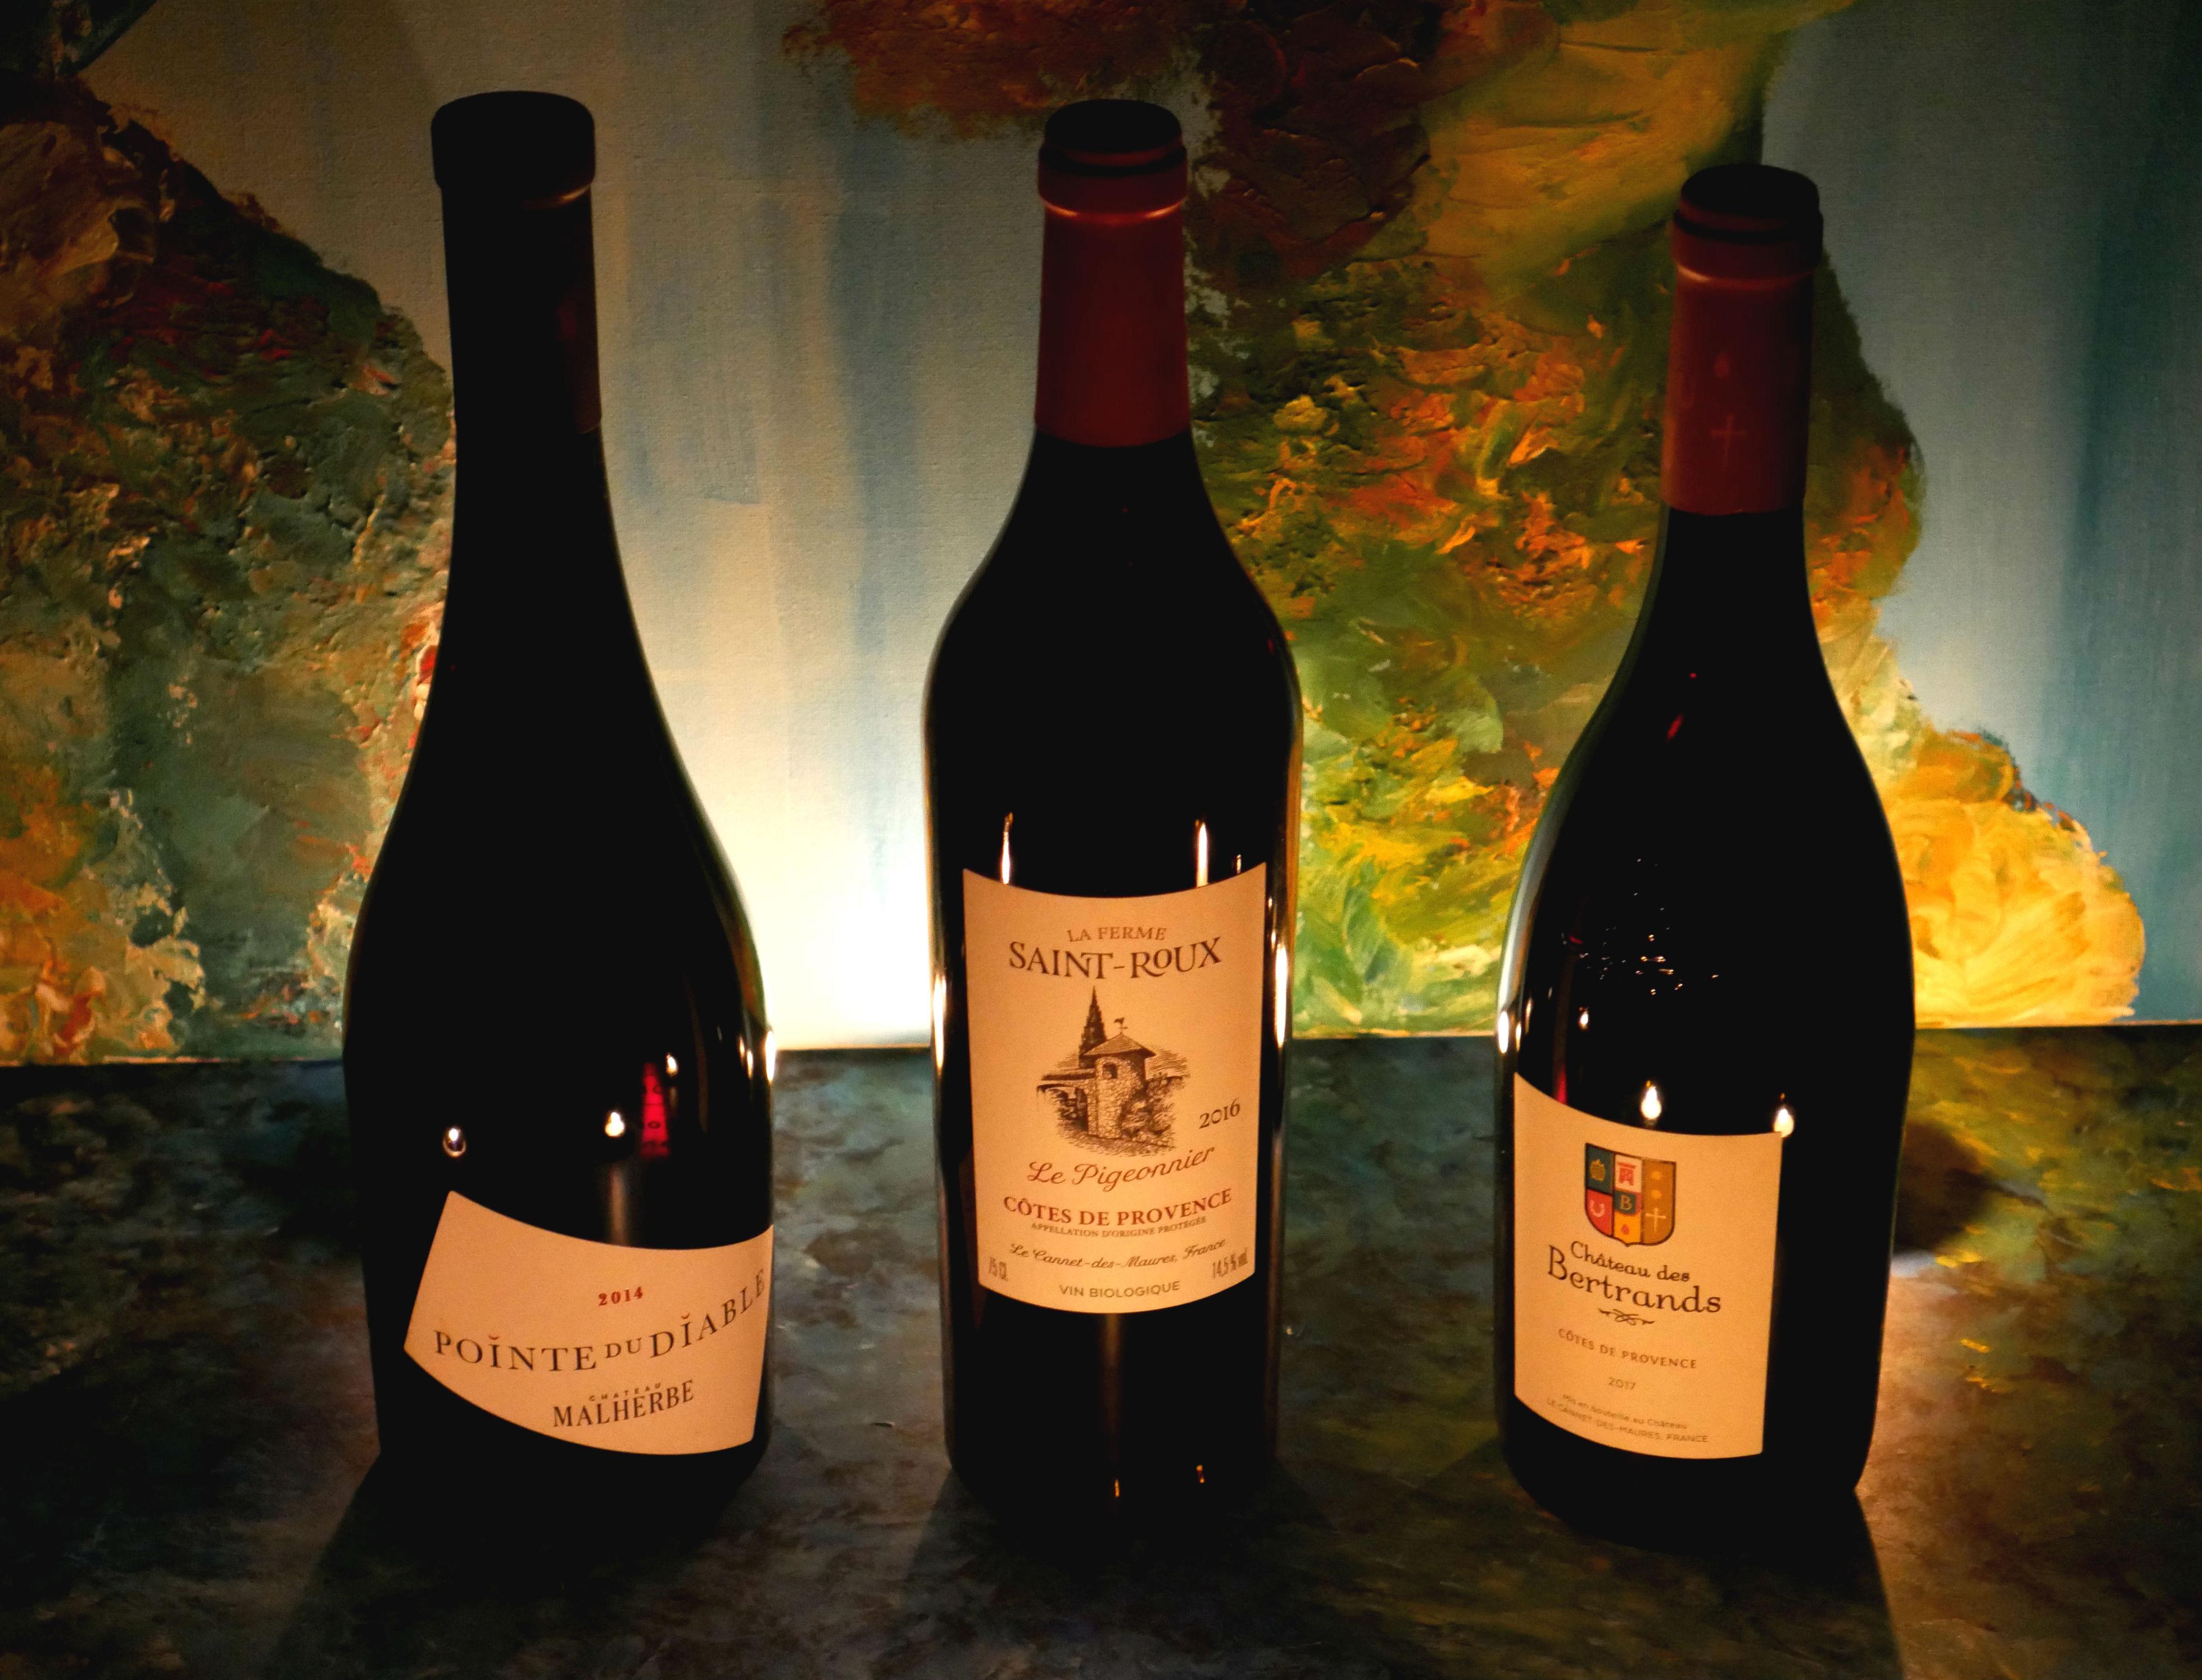 Chateau-Malherbe-Saint-Roux-Chateau-des-Bertrands-dossier-les-vins de l'instant LMDL Haute Exigences ©LuxuryTouch